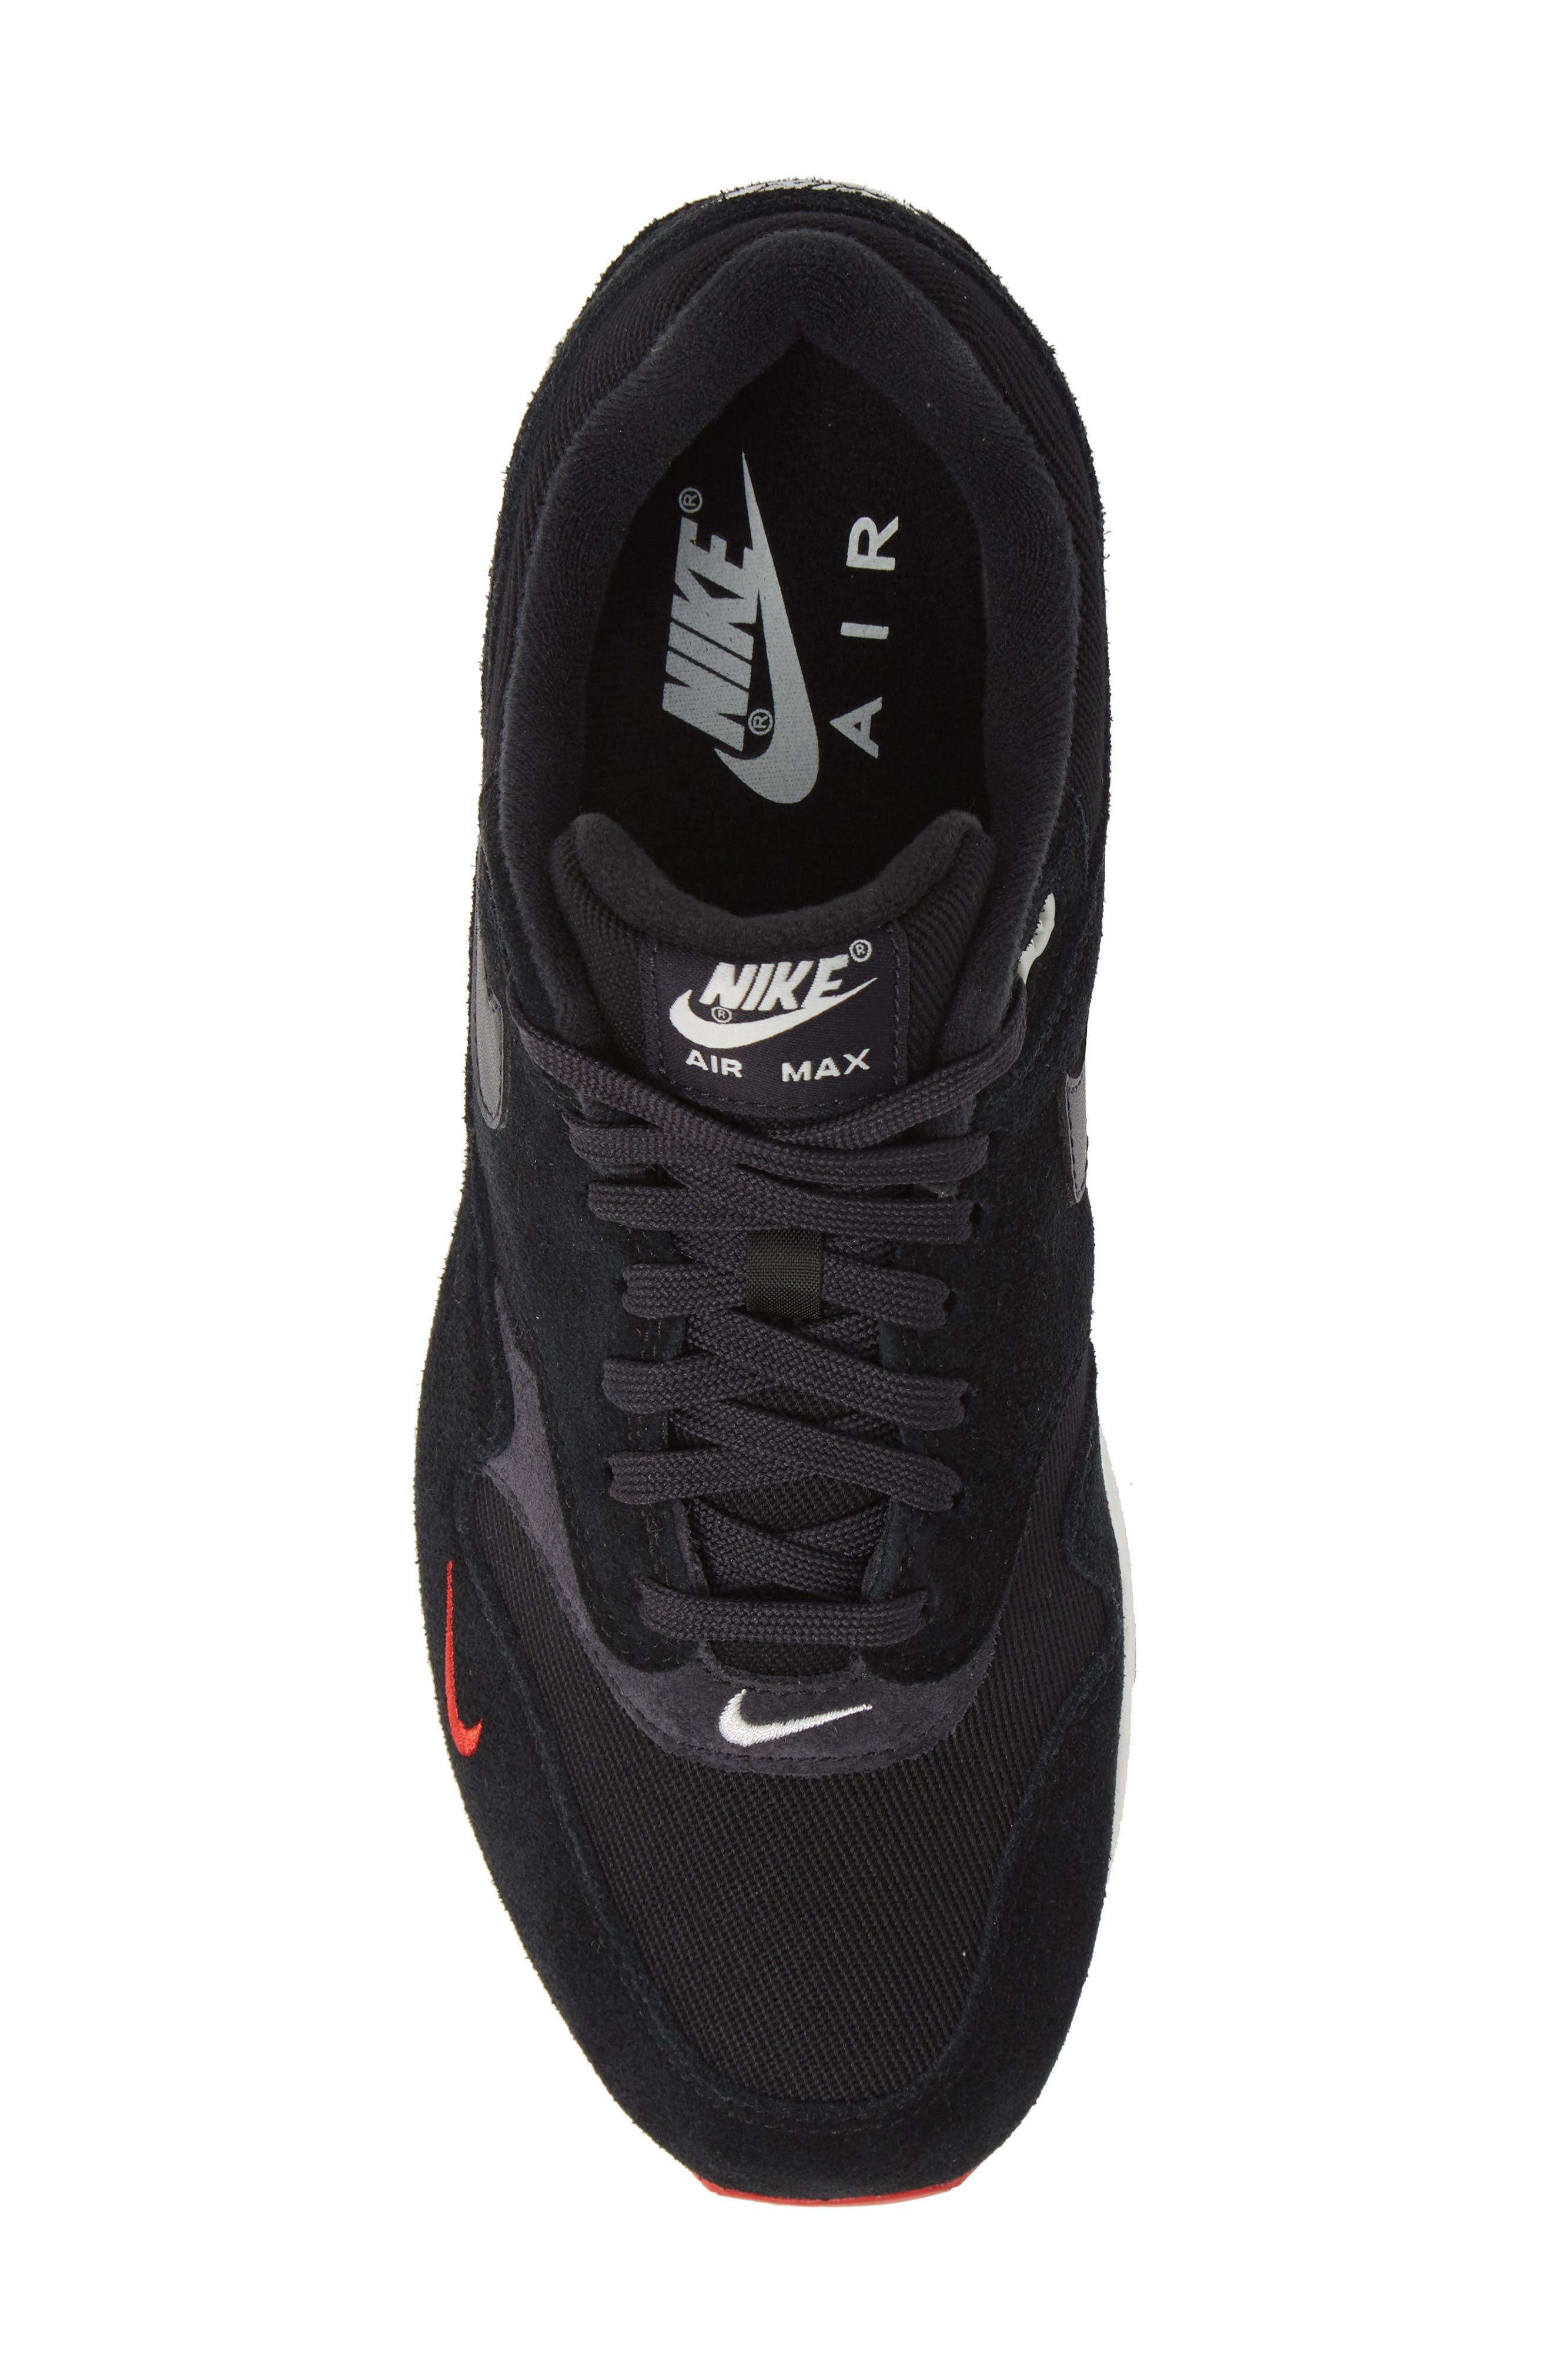 Air Max 1 Premium Sneaker,                             Alternate thumbnail 5, color,                             Black/ Grey/ University Red